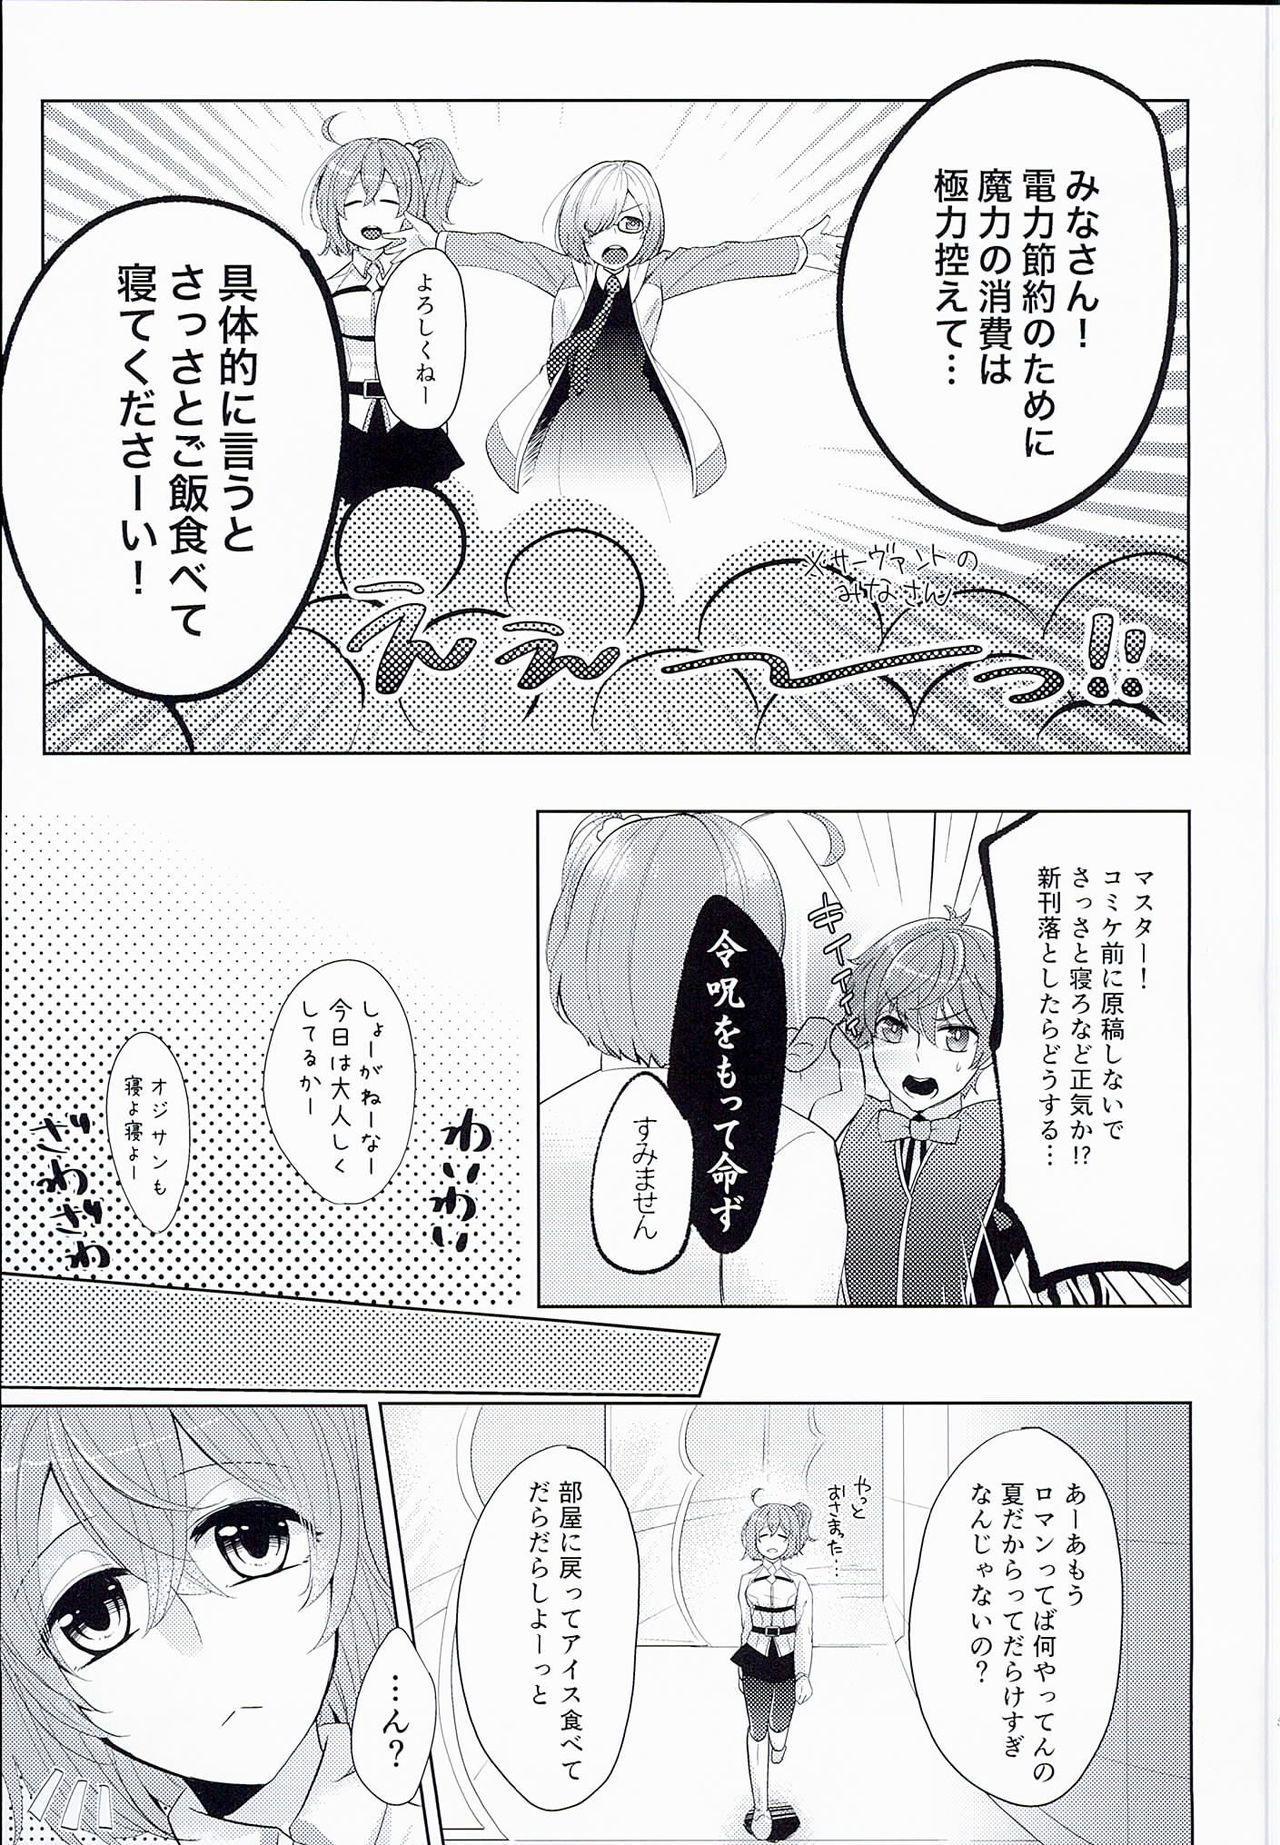 (Ou no Utsuwa 14) [Sepia Concerto (Tsumugi)] Emiya-san-chi no Oyakodon (Fate/Grand Order) 4